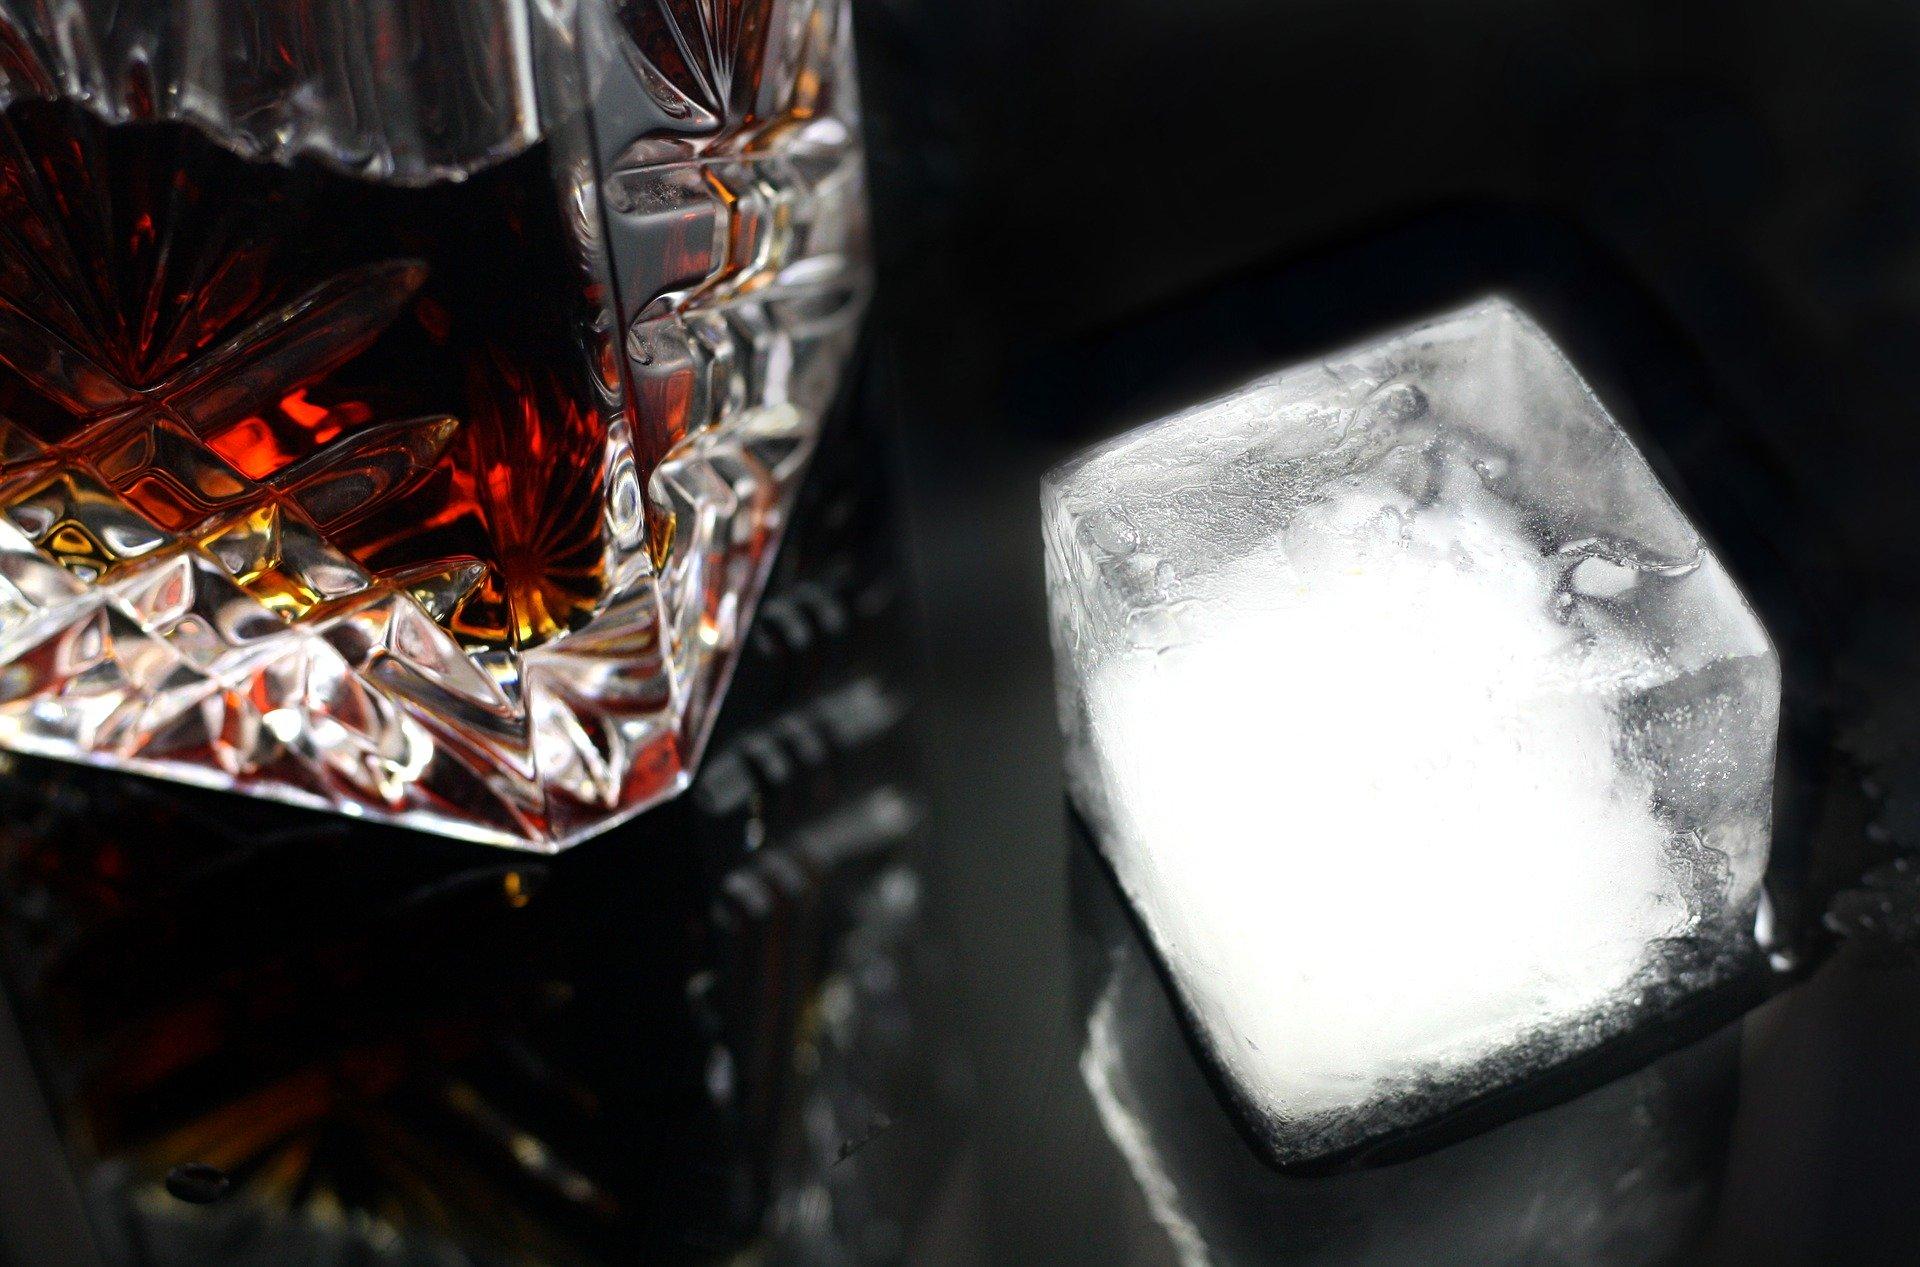 Cocktail Negroni Old fashioned et glaçons sur un bar